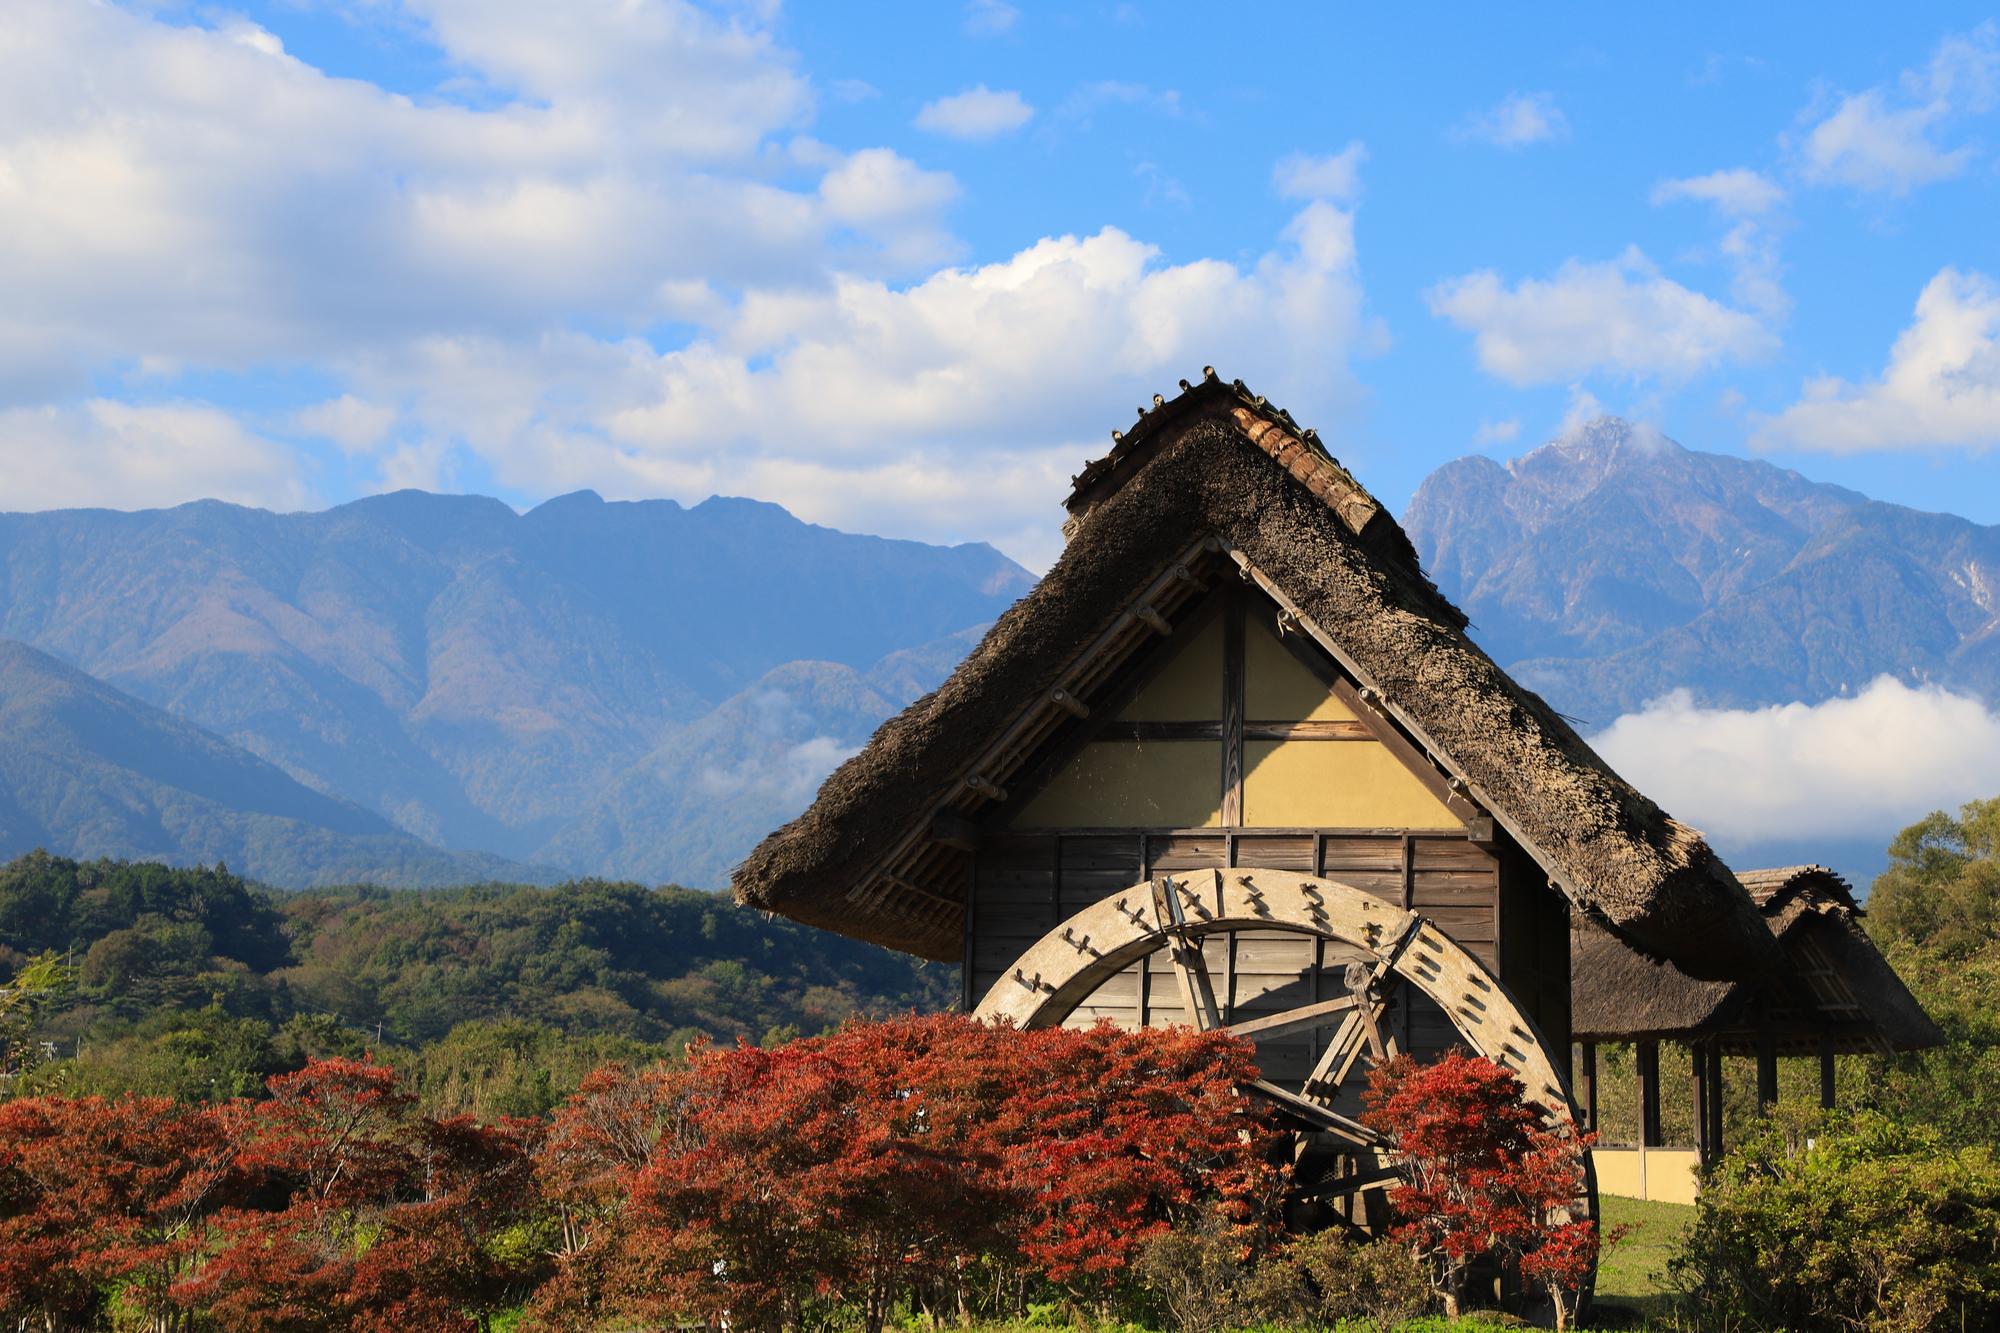 八ヶ岳の紅葉と茅葺きの水車が織りなす癒しの田園風景